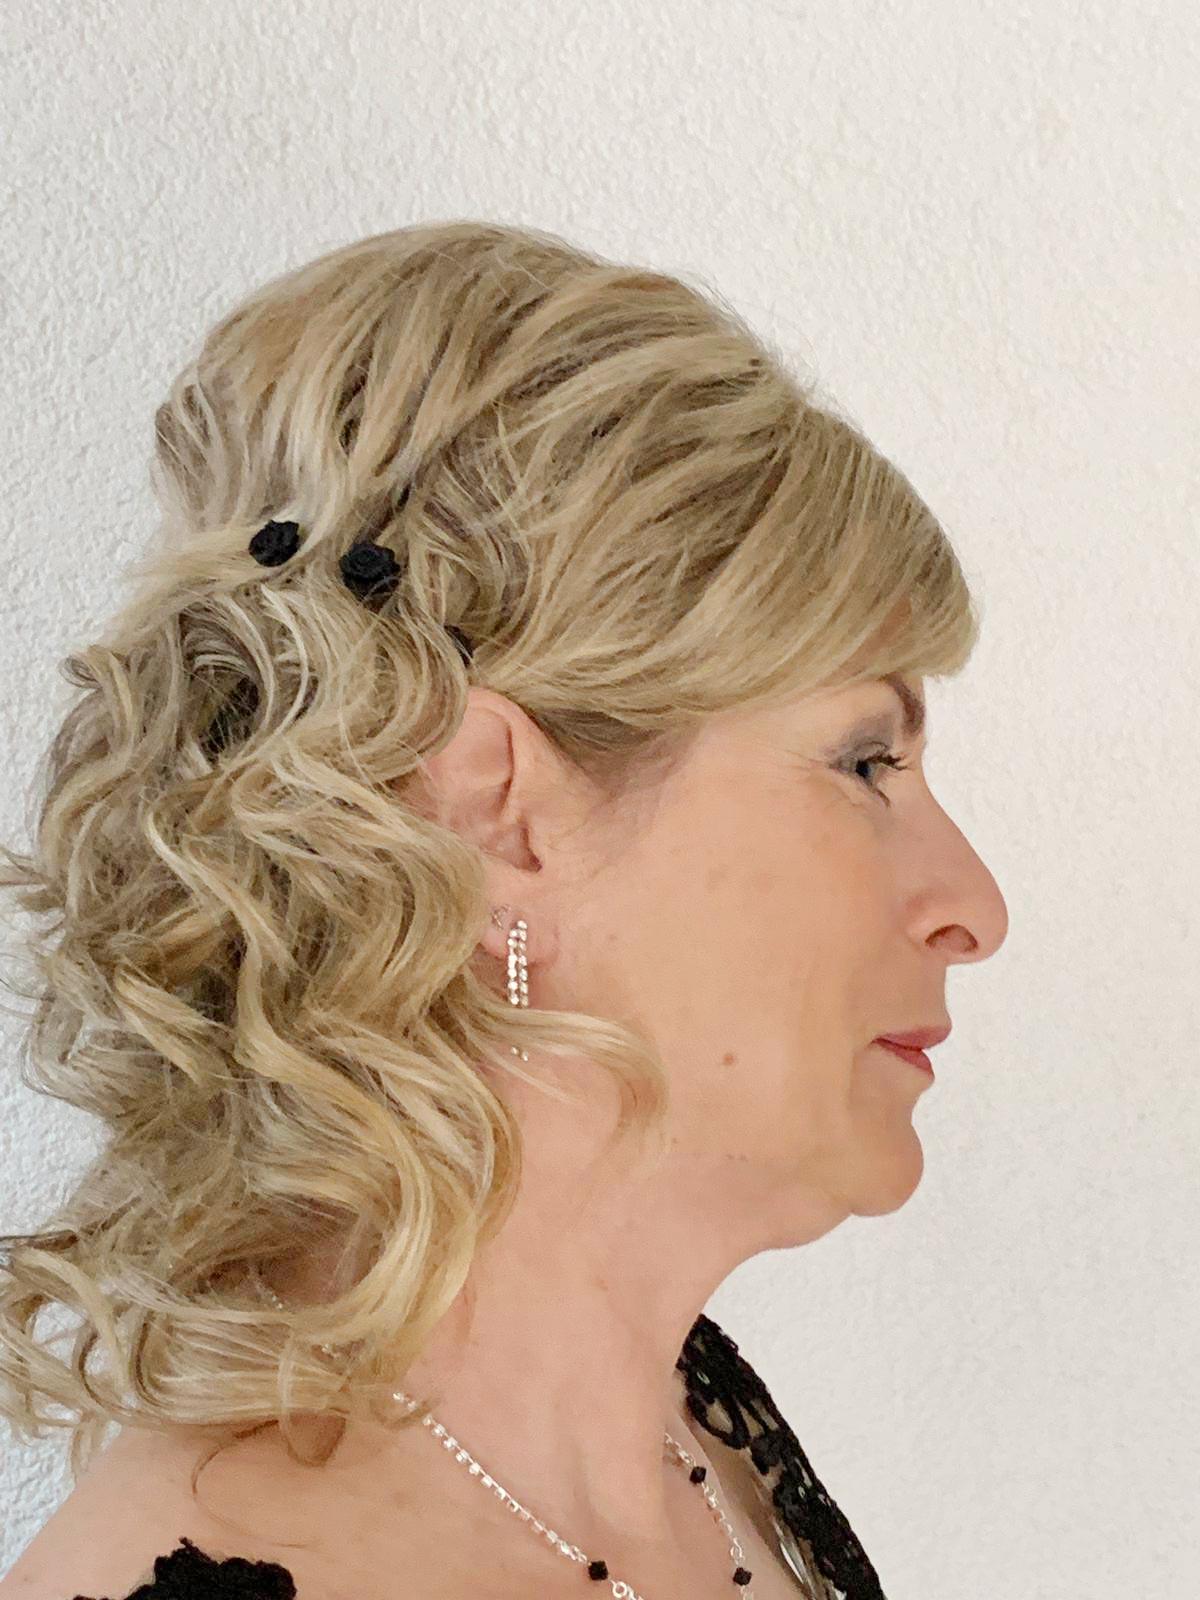 friseur-salon-ellen-teuscher